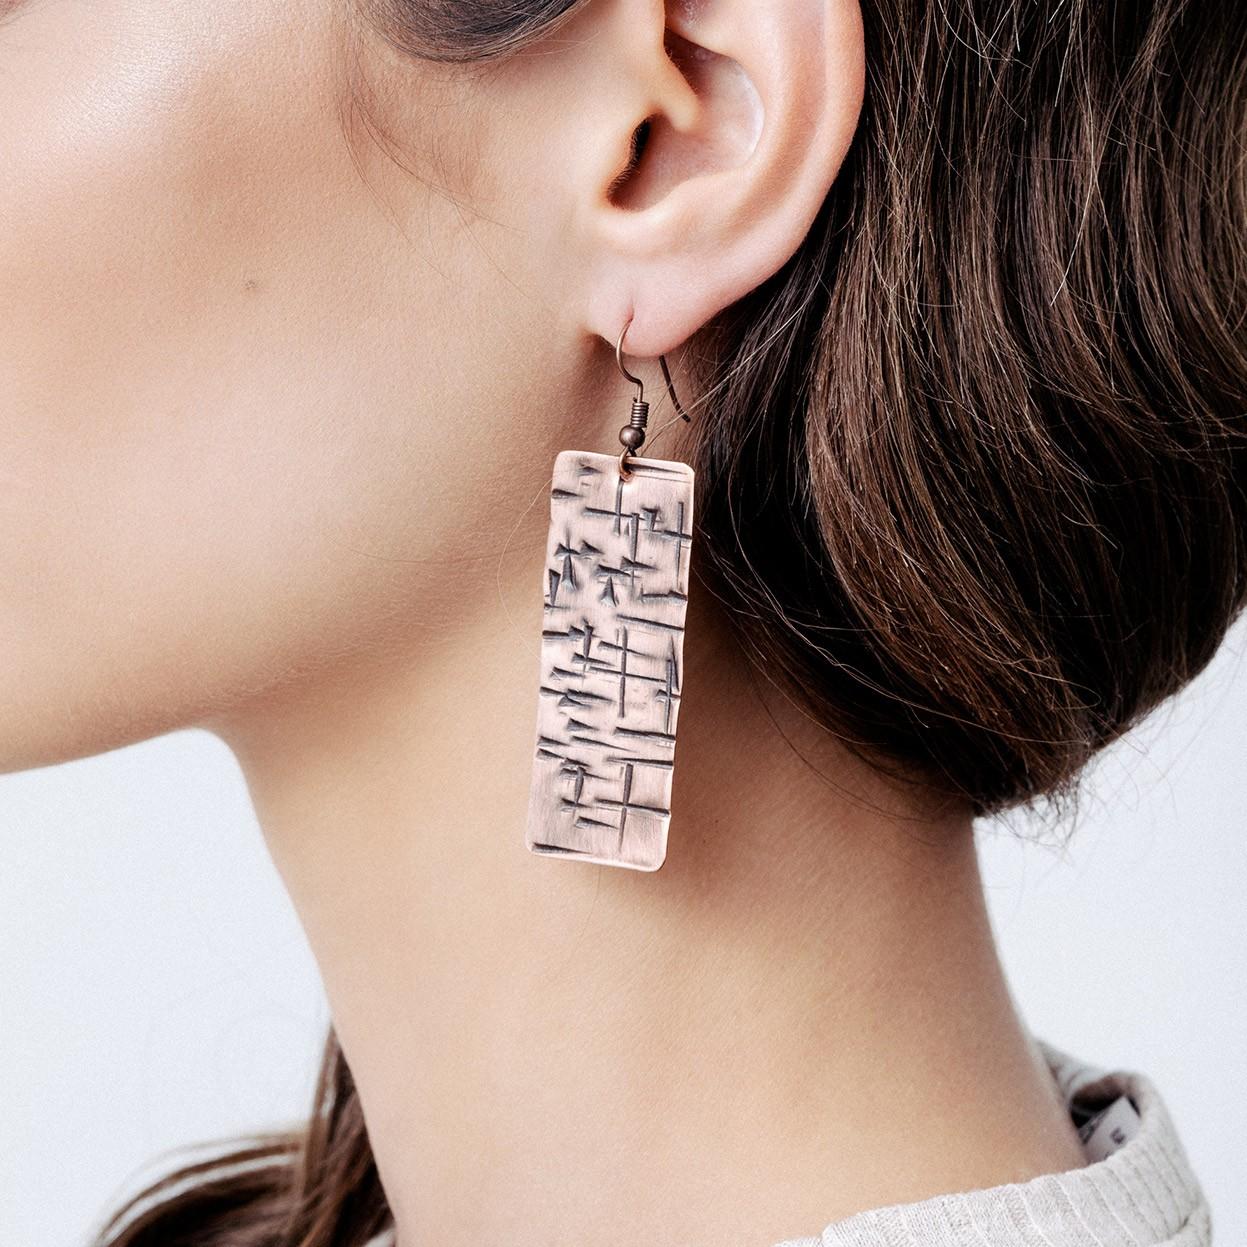 Copper earrings with cross shape